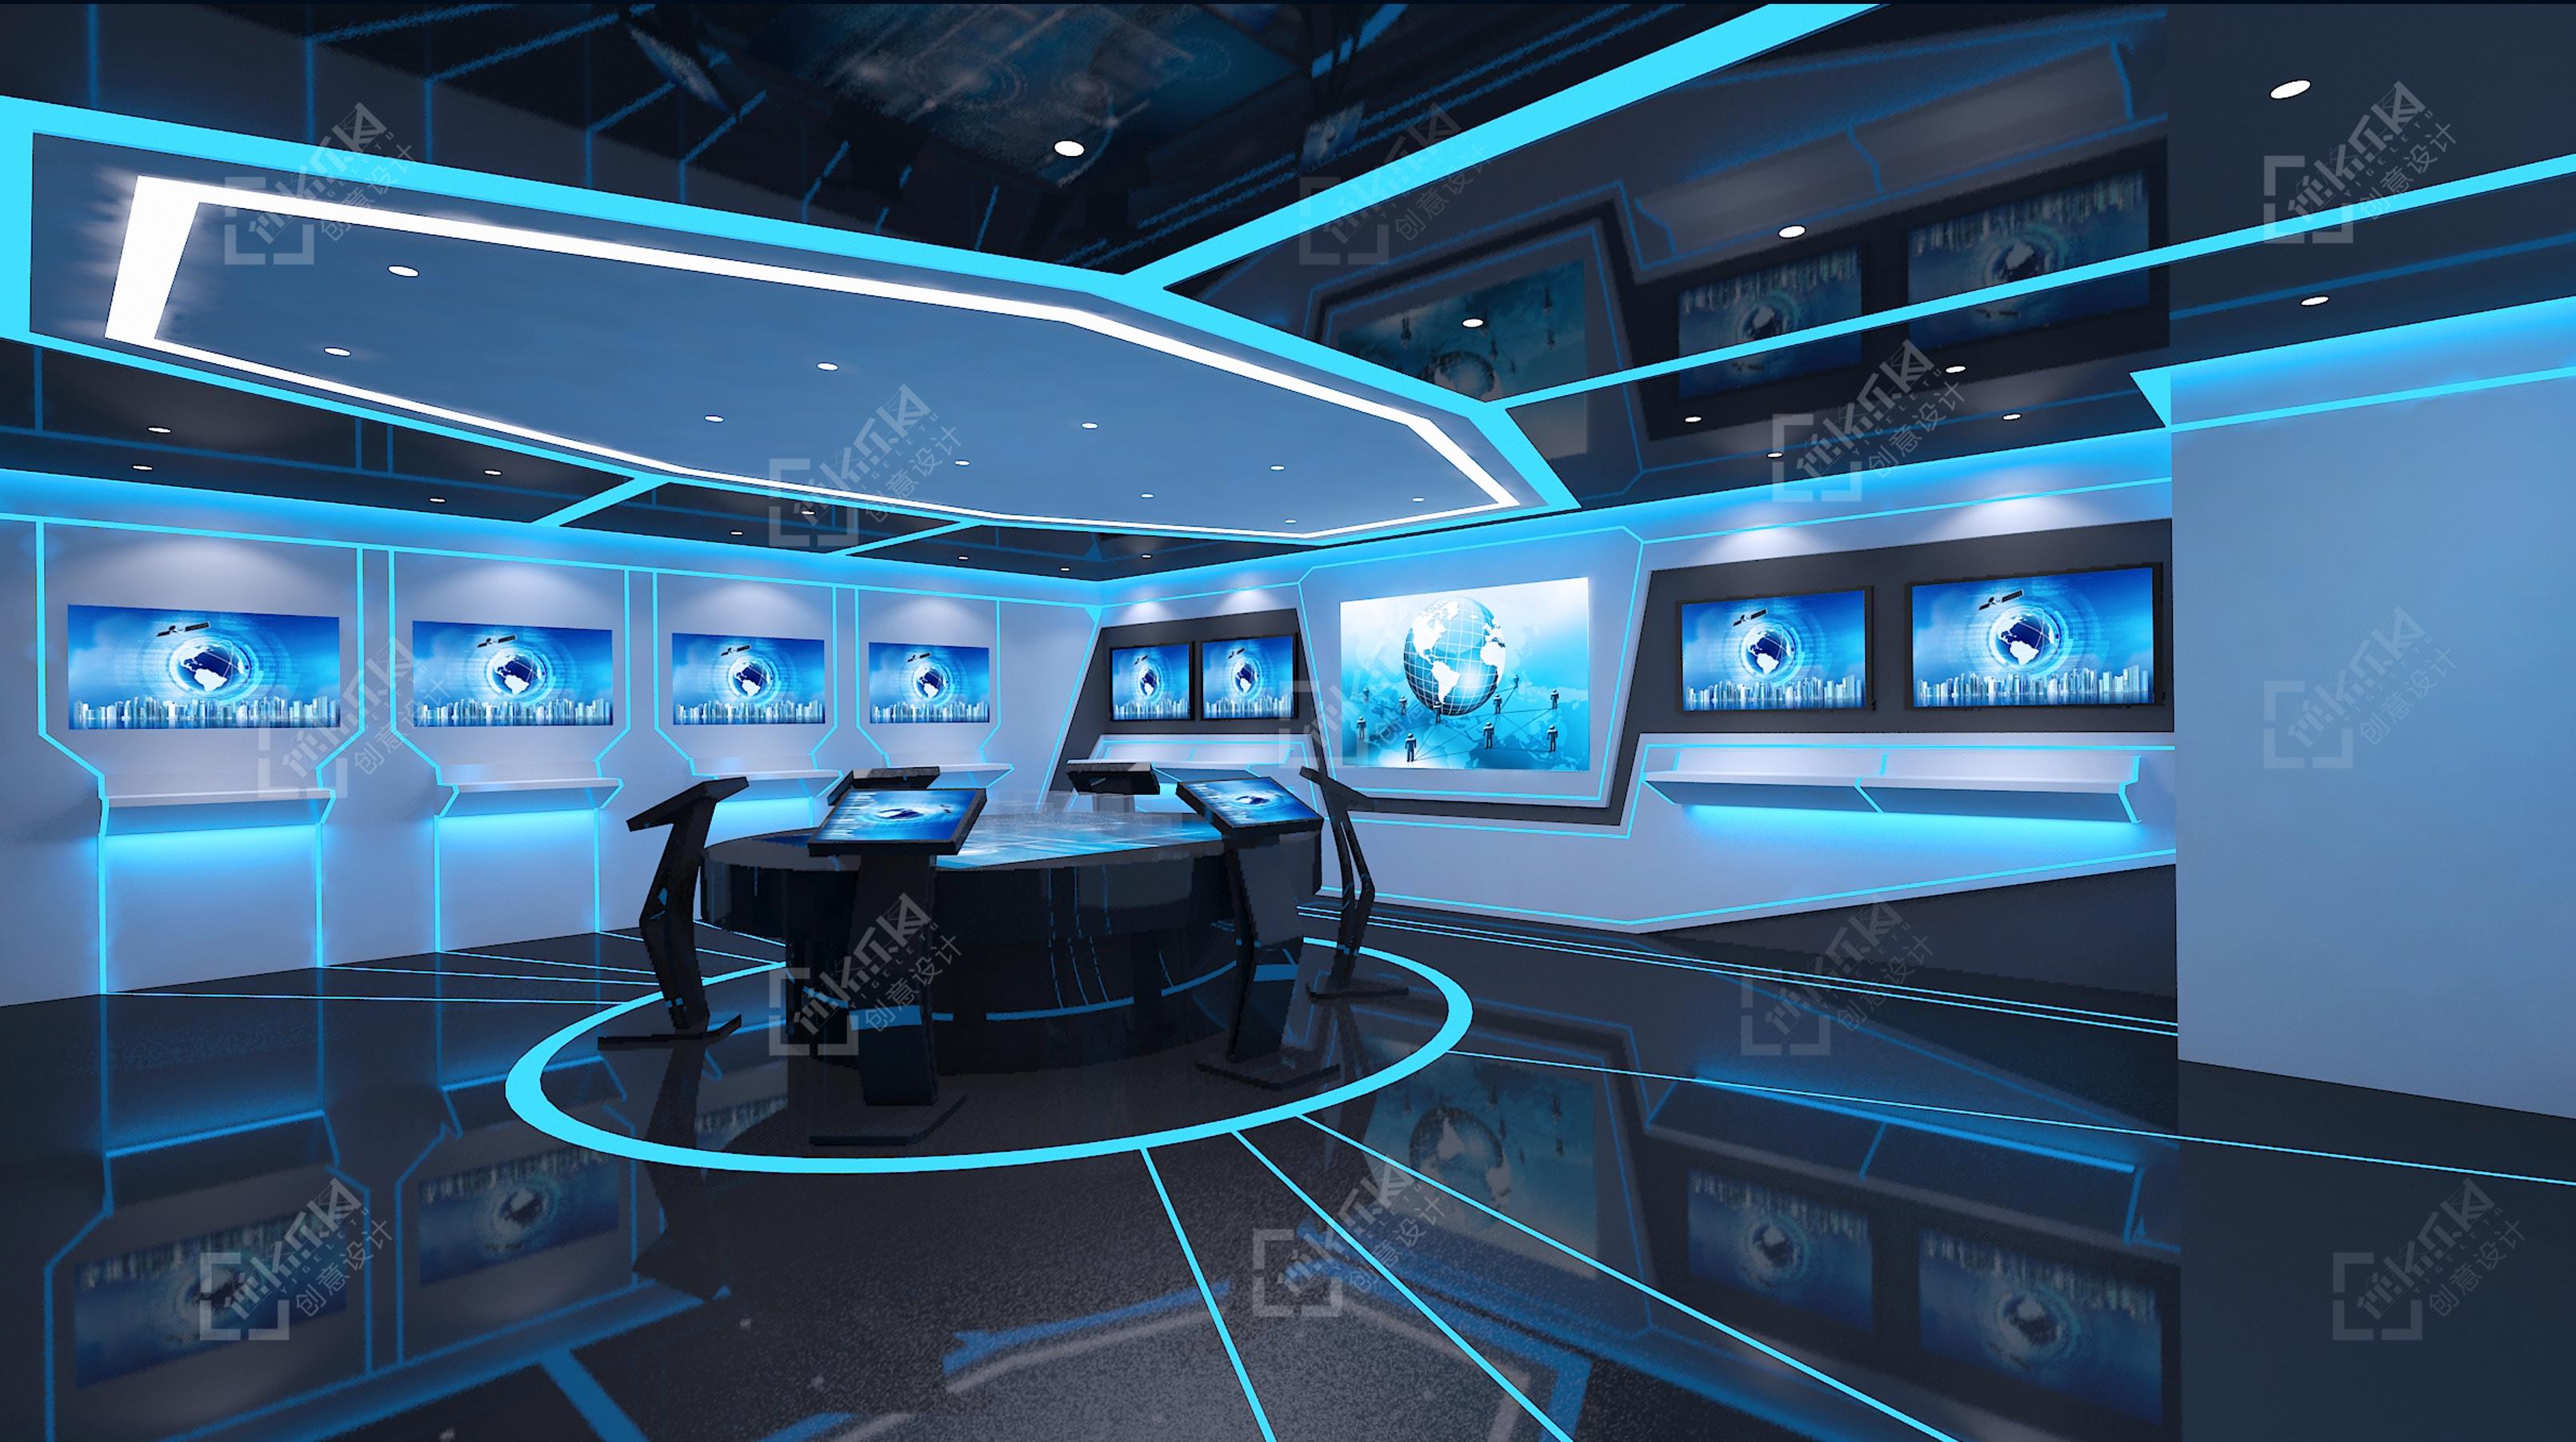 互联网高科技网络物联网智慧城市区块链通讯新能源环保展厅设计图片